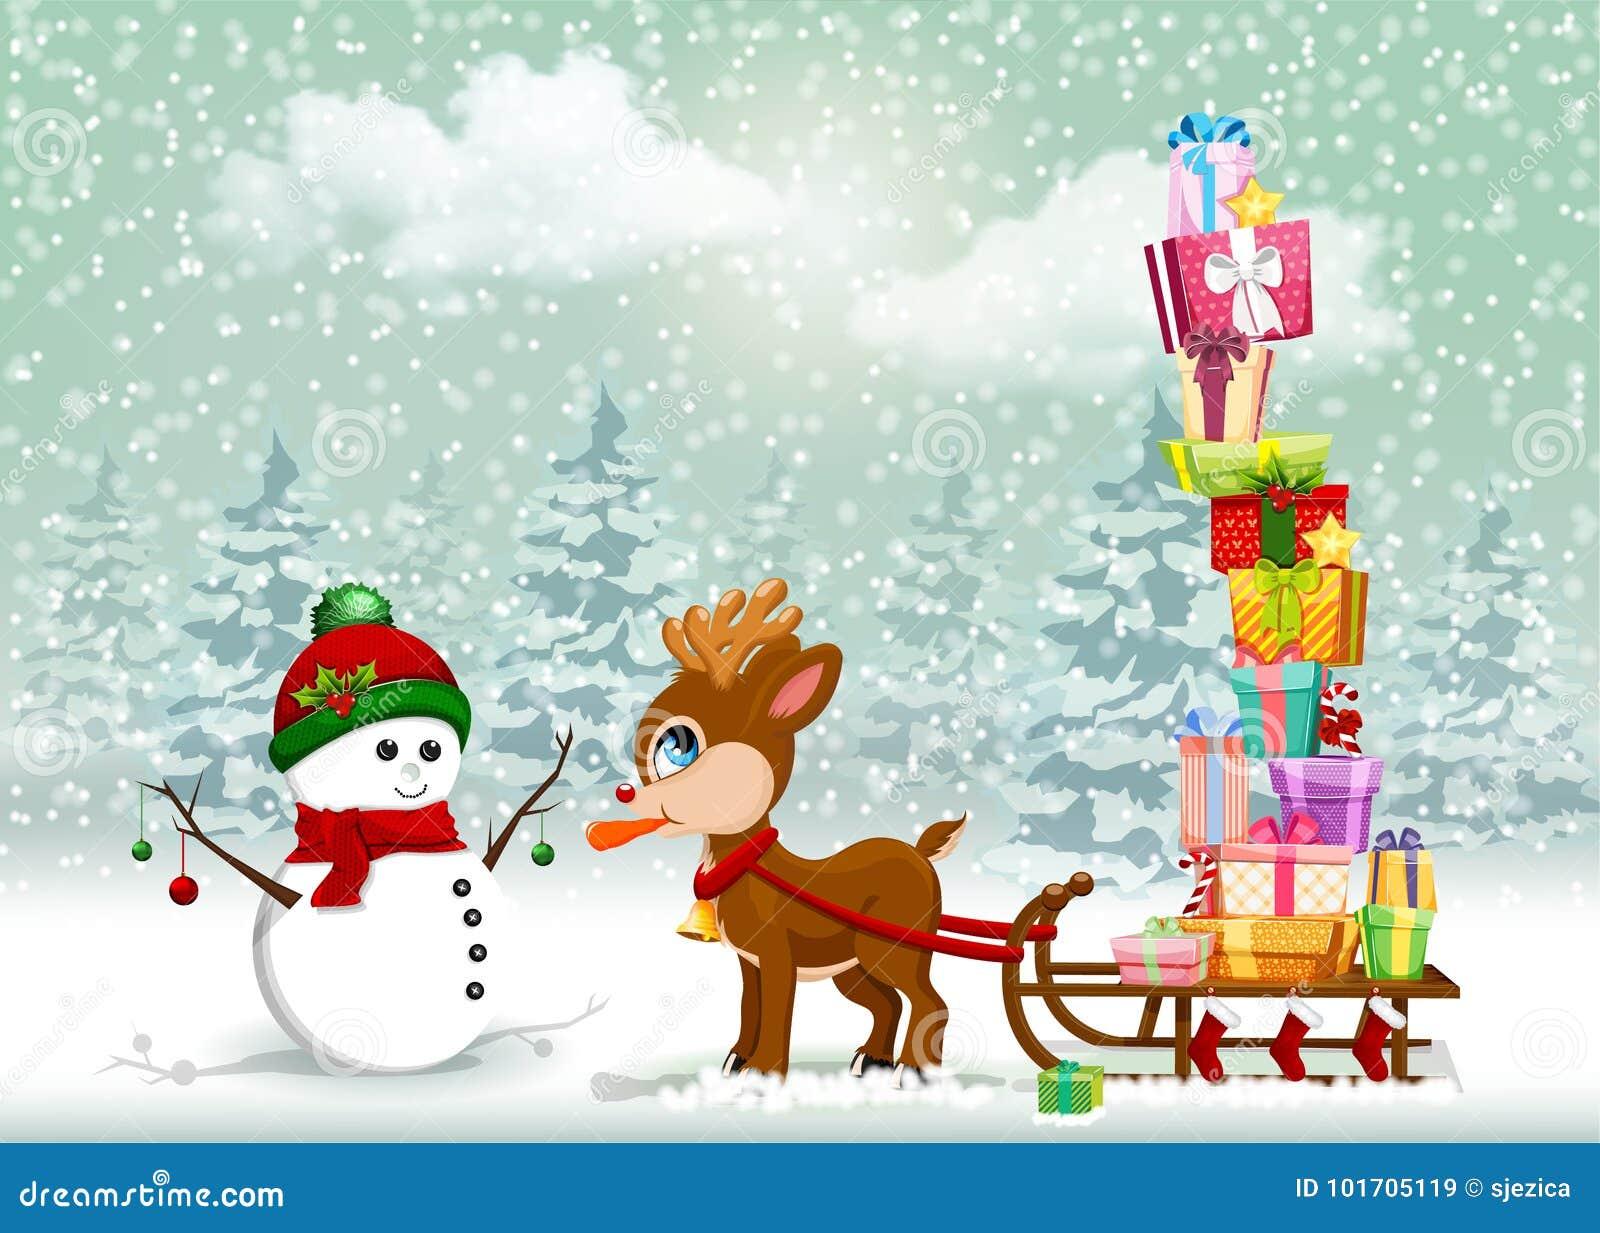 Cena bonito dos desenhos animados de Cristmas com rena e boneco de neve